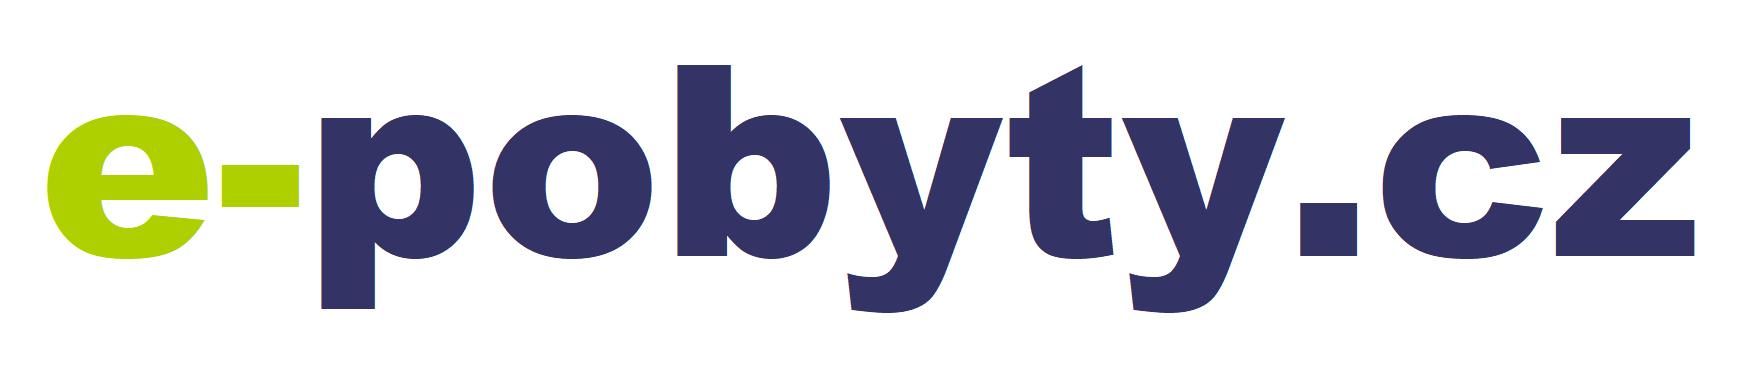 E-pobyty